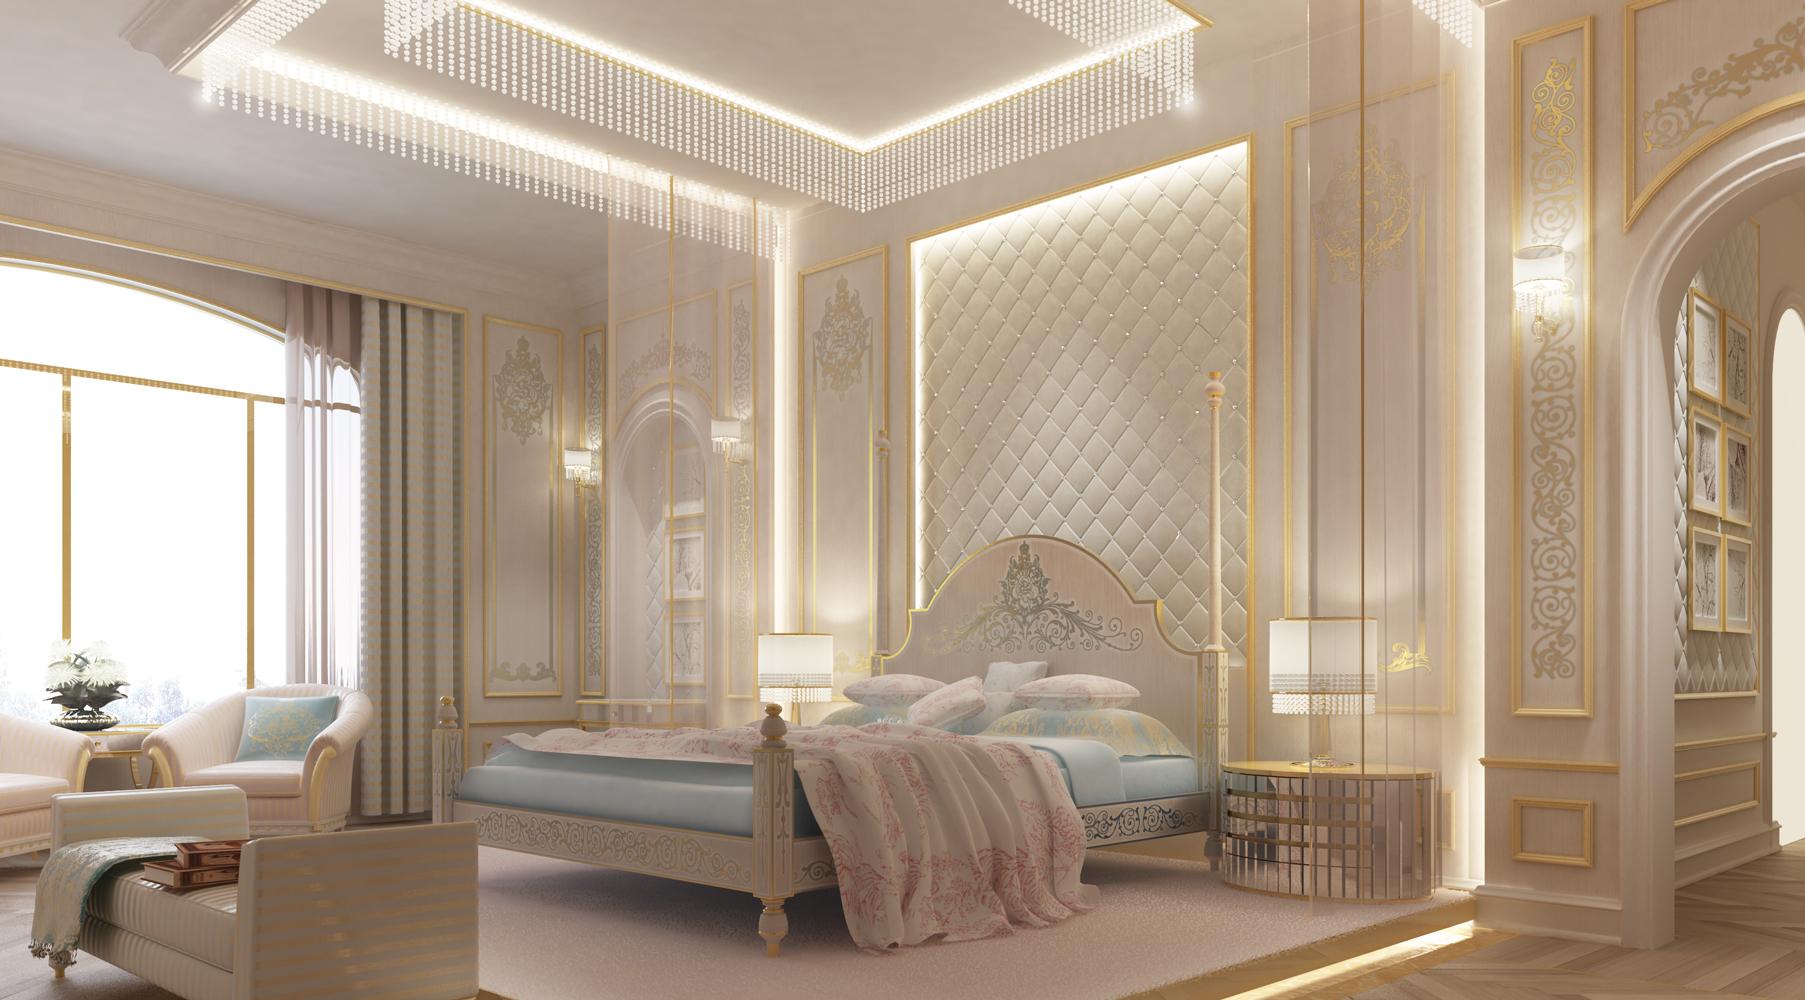 Bedroom Design - Abu Dhabi - UAE